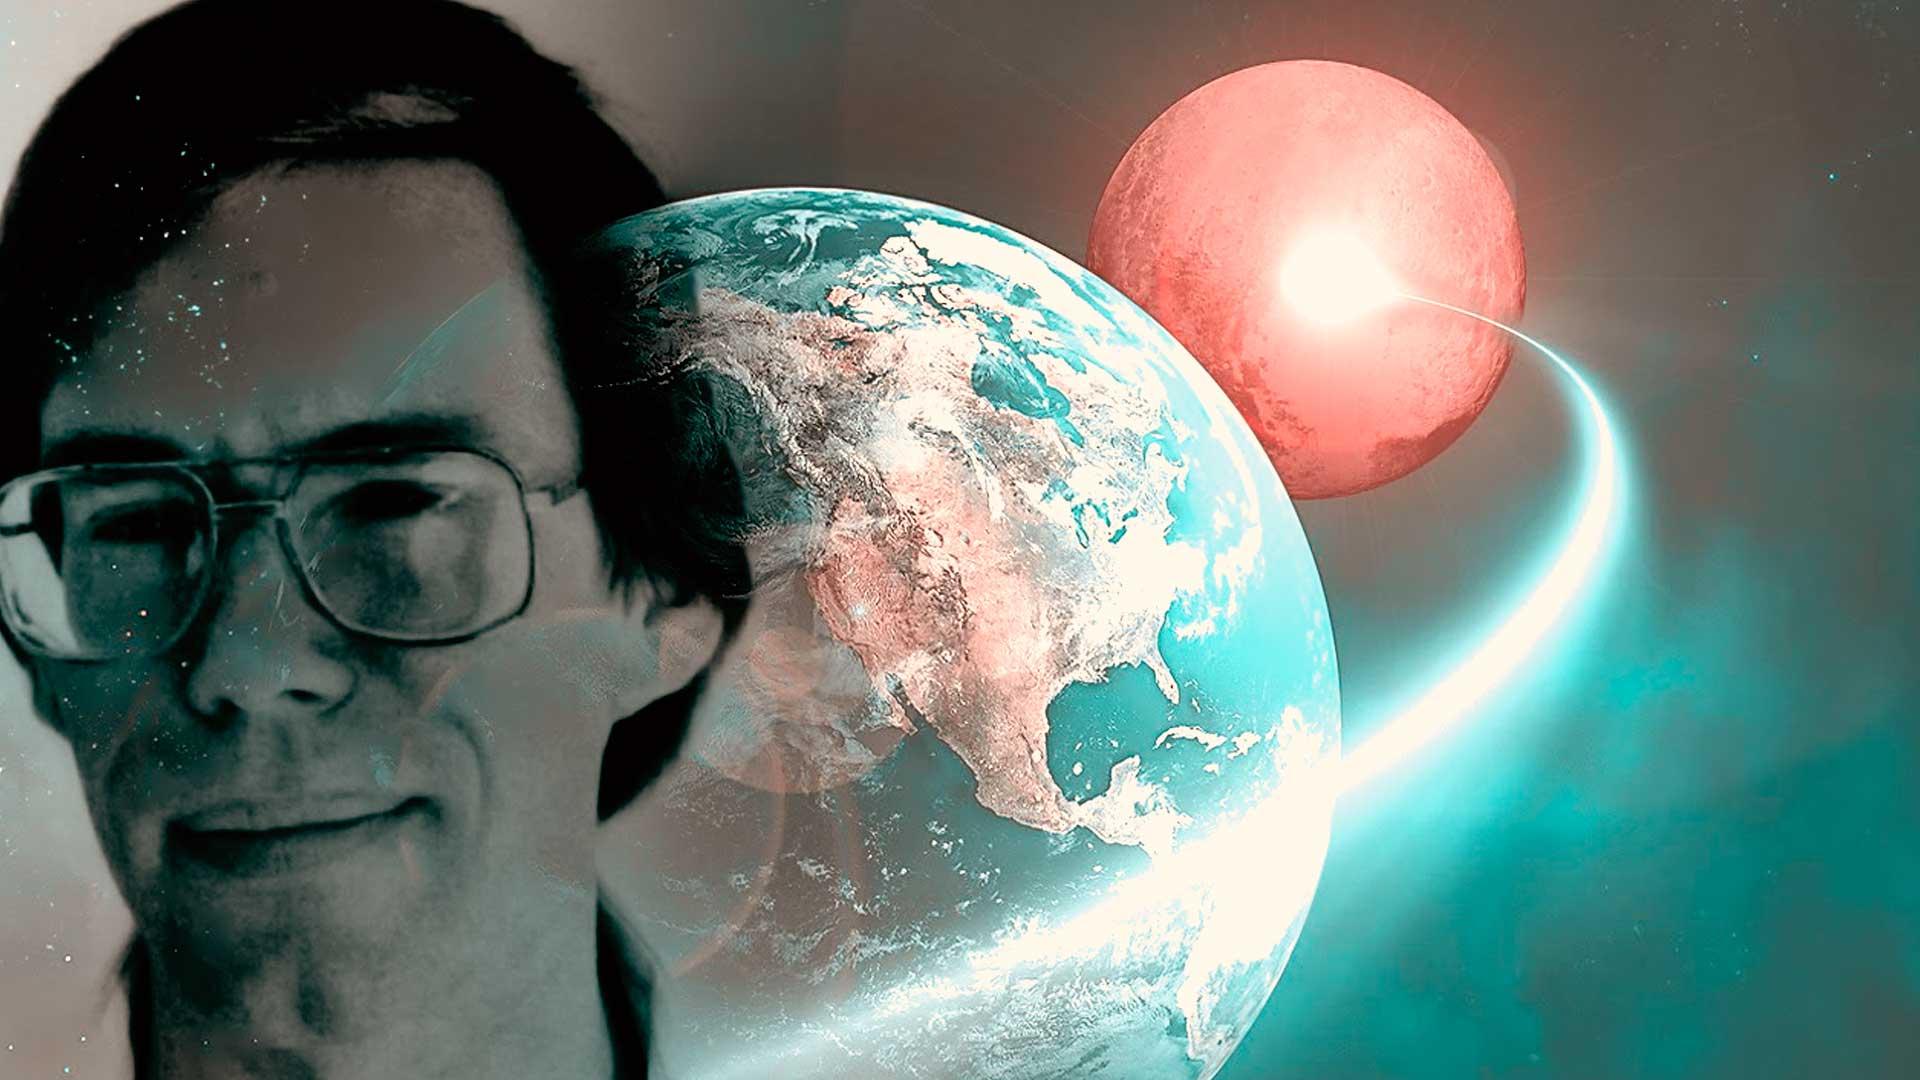 Elemento 115, Bob Lazar decía la verdad, el combustible estelar es una realidad